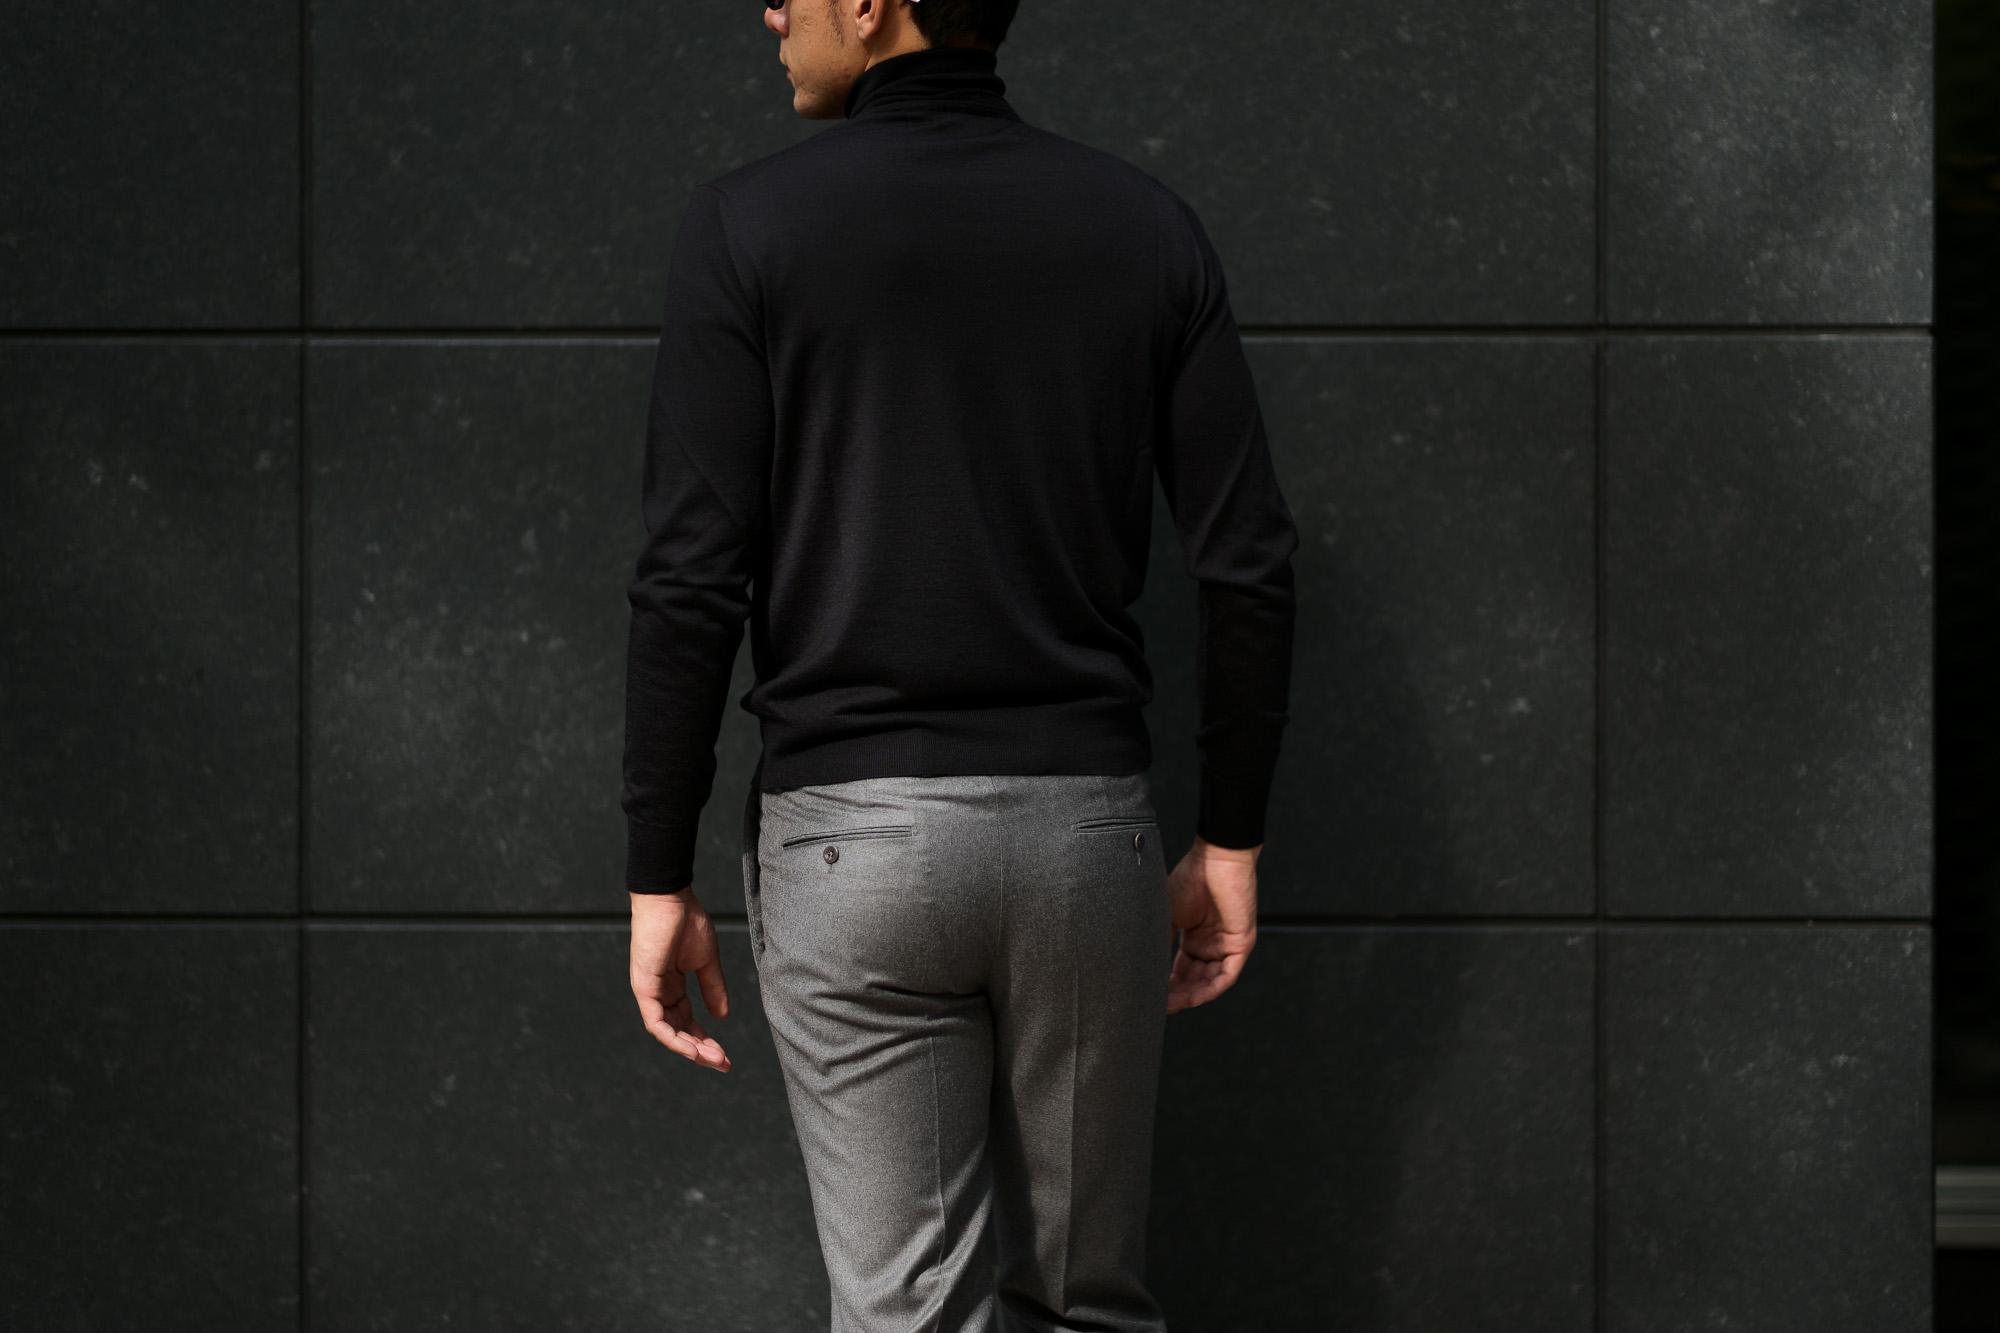 LAMBERTO LOSANI (ランベルト ロザーニ) Silk Cashmere Turtle Neck Sweater(シルクカシミア タートルネック セーター) ハイゲージ シルクカシミヤニット セーター BLACK (ブラック・901) made in italy (イタリア製) 2019 秋冬新作 lambertolosani altoediritto アルトエデリット 愛知 名古屋